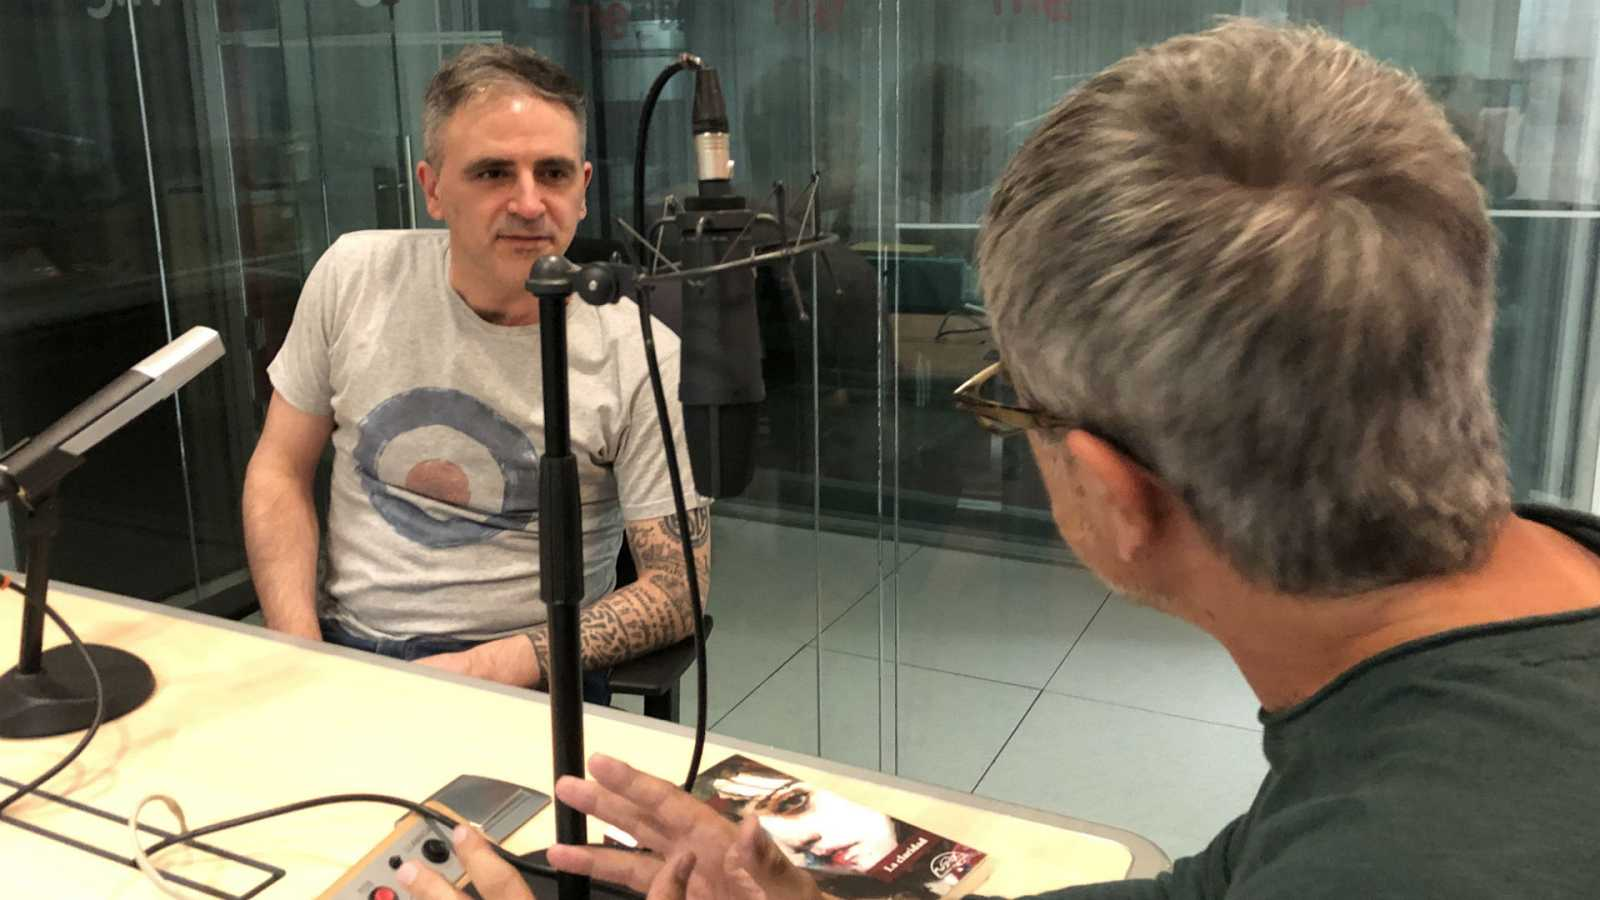 Diálogo y espejo - 'La claridad' con Marcelo Luján - 26/09/20 - escuchar ahora